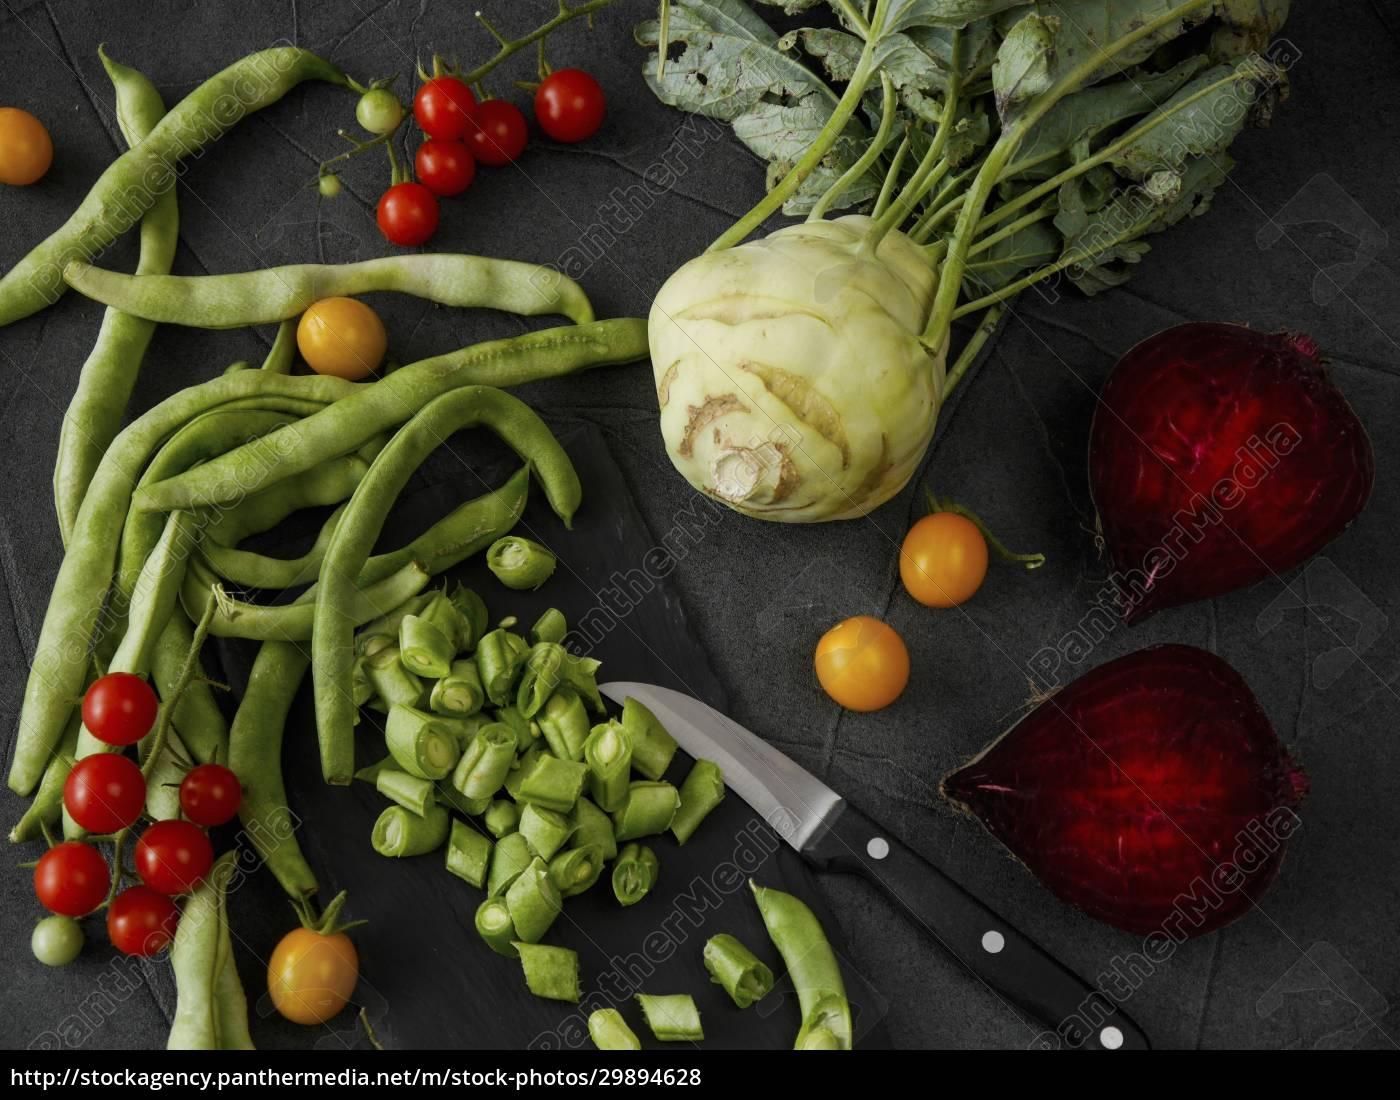 gemüsestillleben, mit, bohnen, tomaten, kohlrabi, und, rote, bete - 29894628